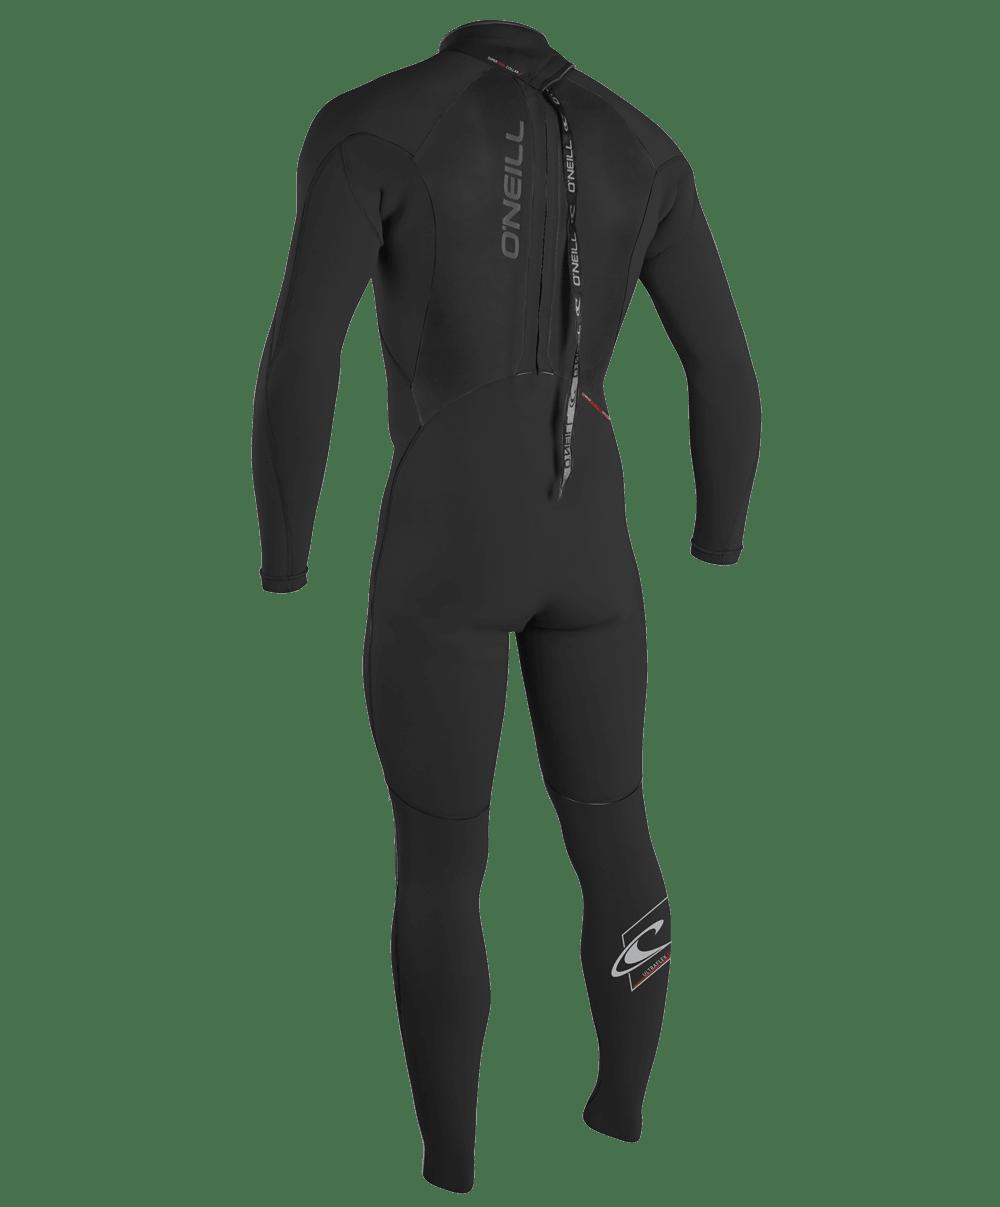 O'NEILL Men's Epic 3/2 mm Wetsuit - NO COLOR